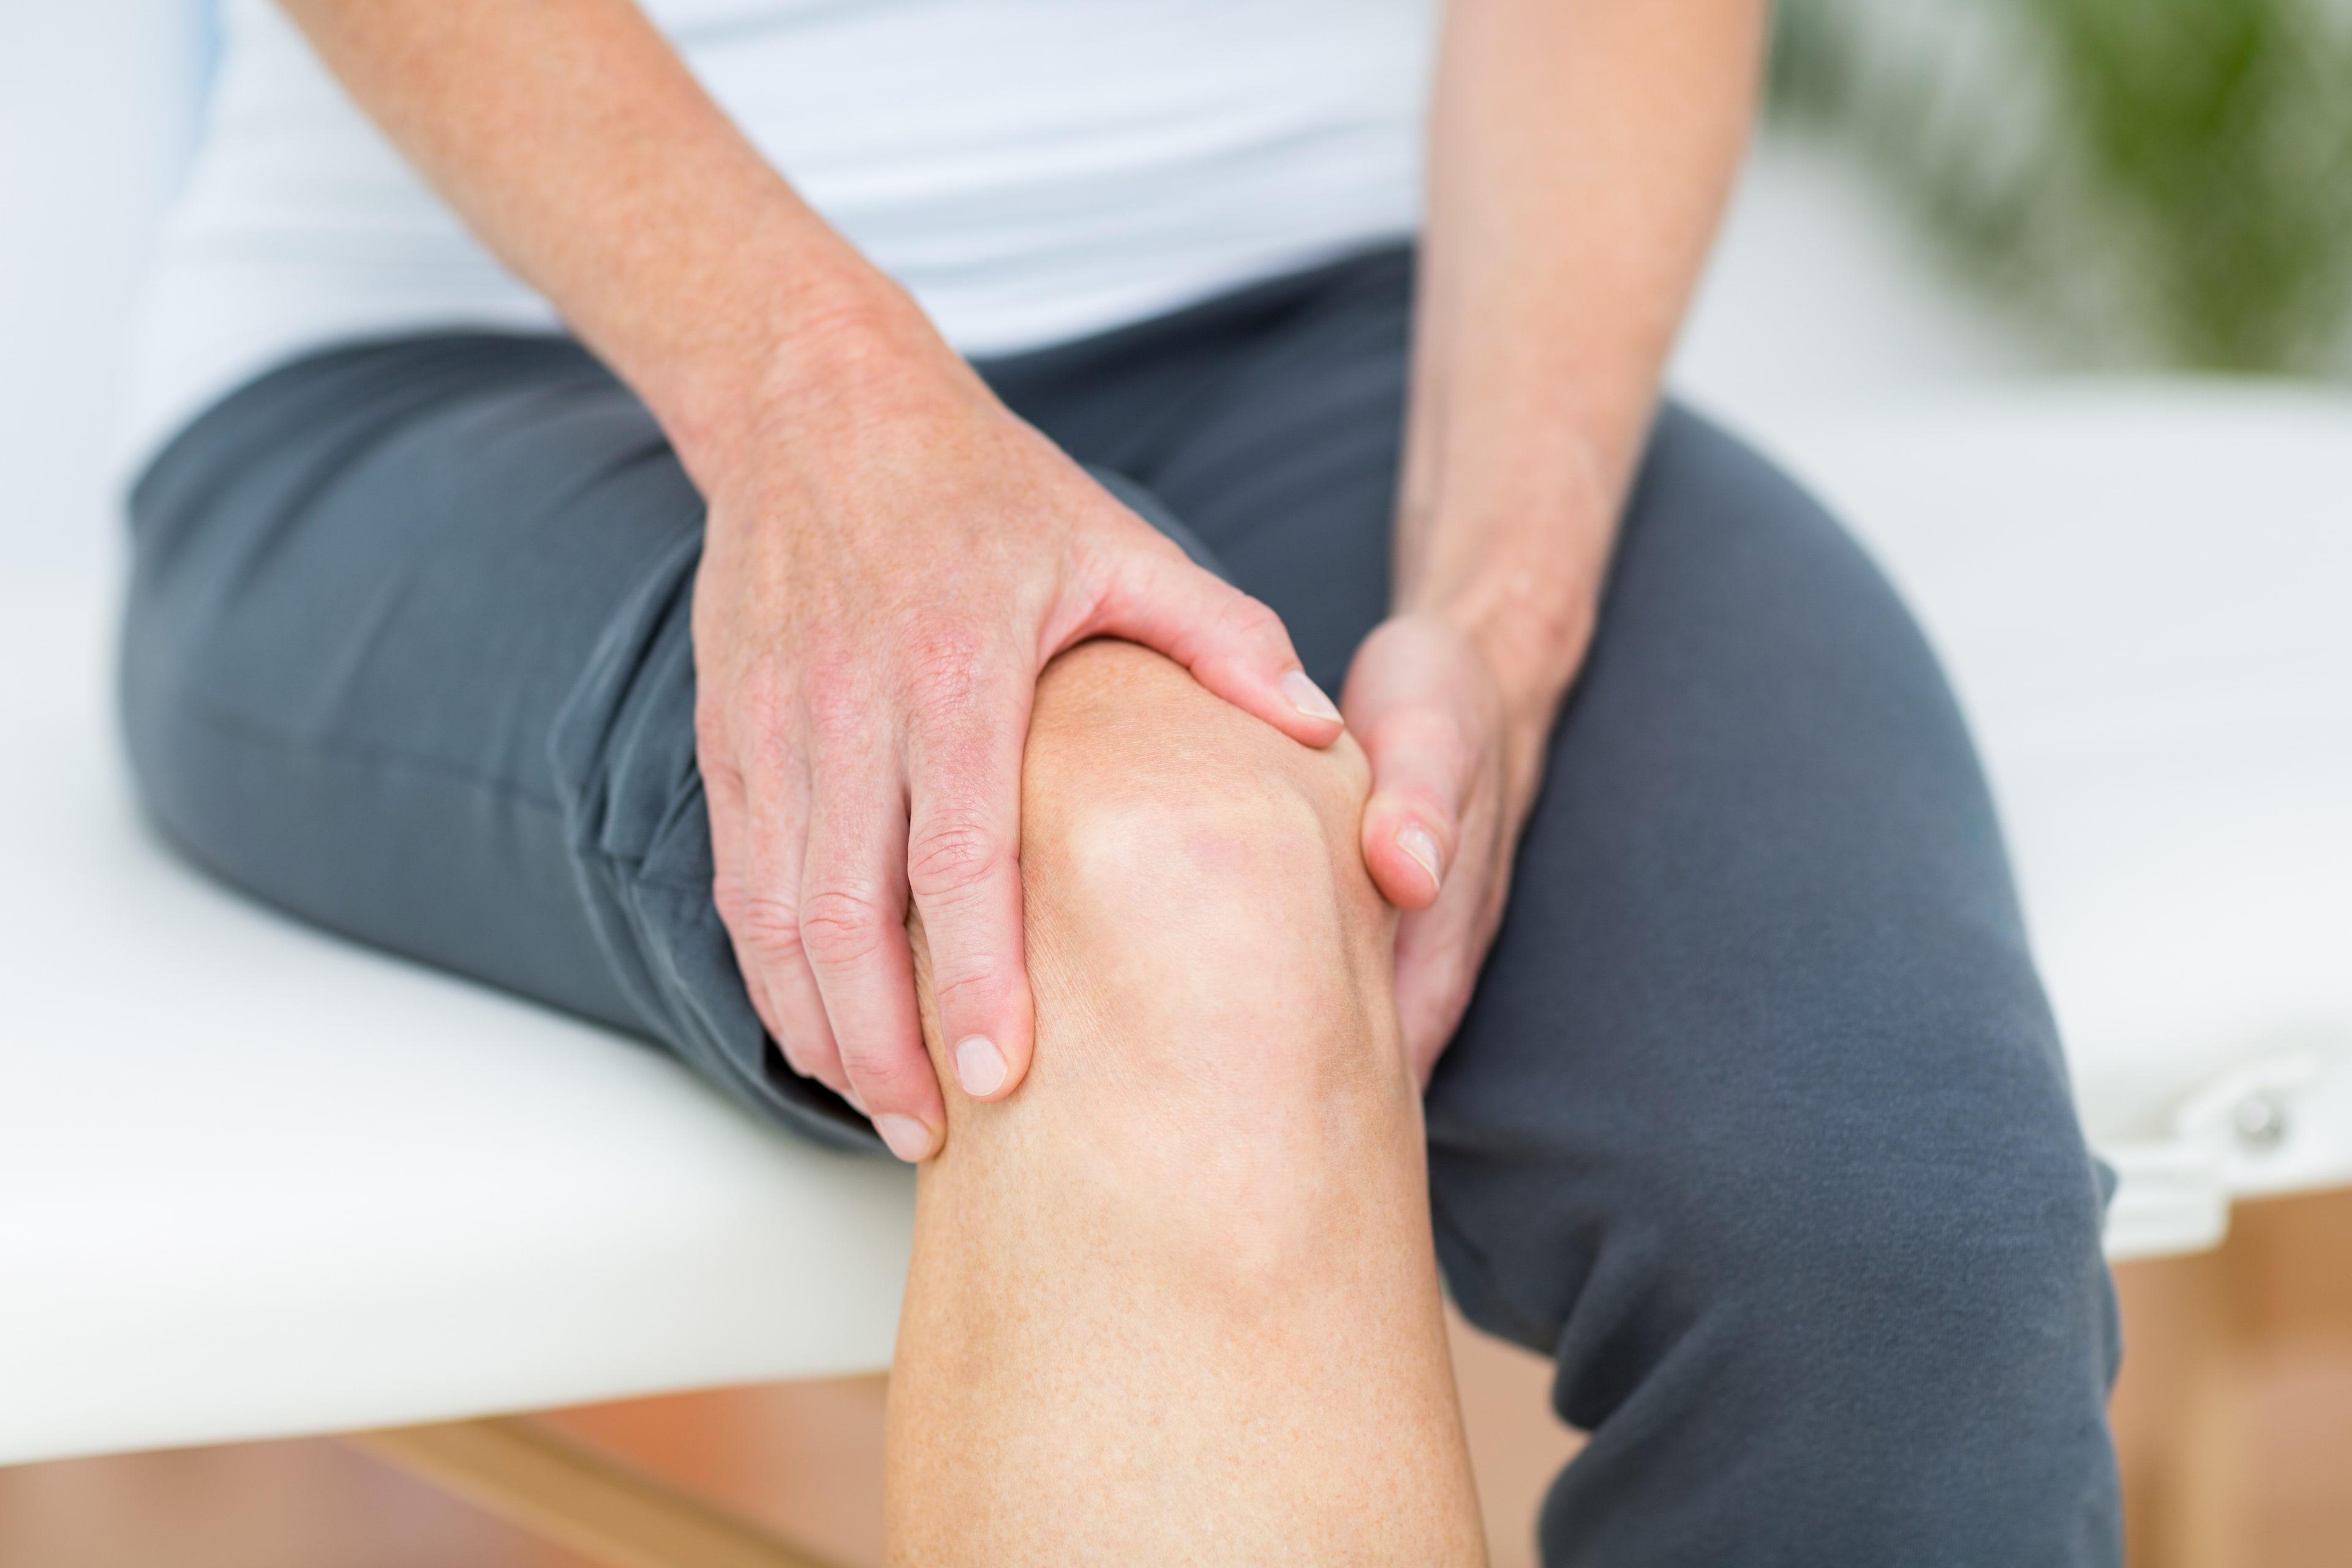 Informaţii despre durerea de șold Articulația șoldului doare noaptea ce să faci